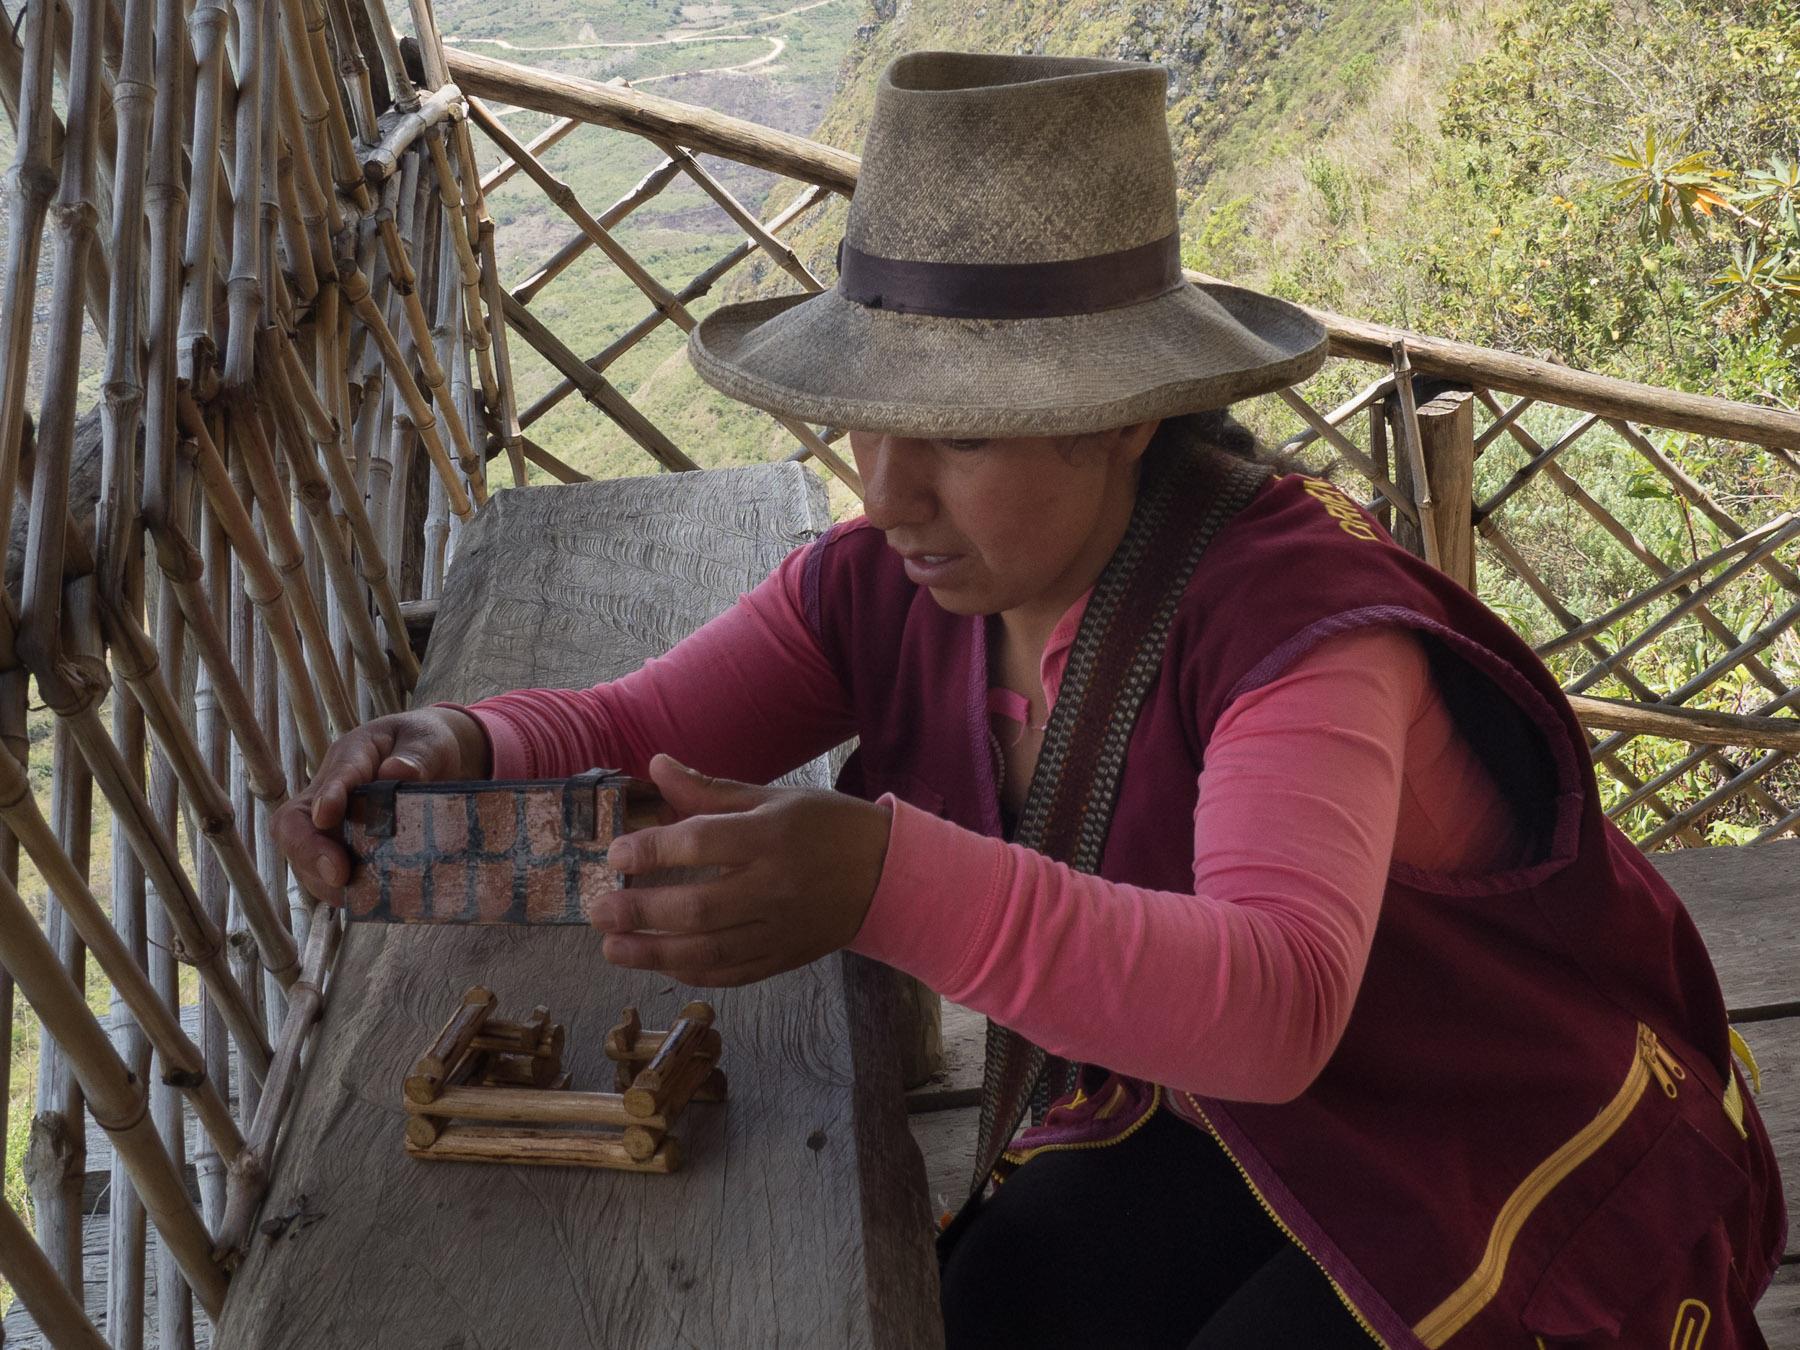 Margarita erklärt uns die Bauweise der Häuser